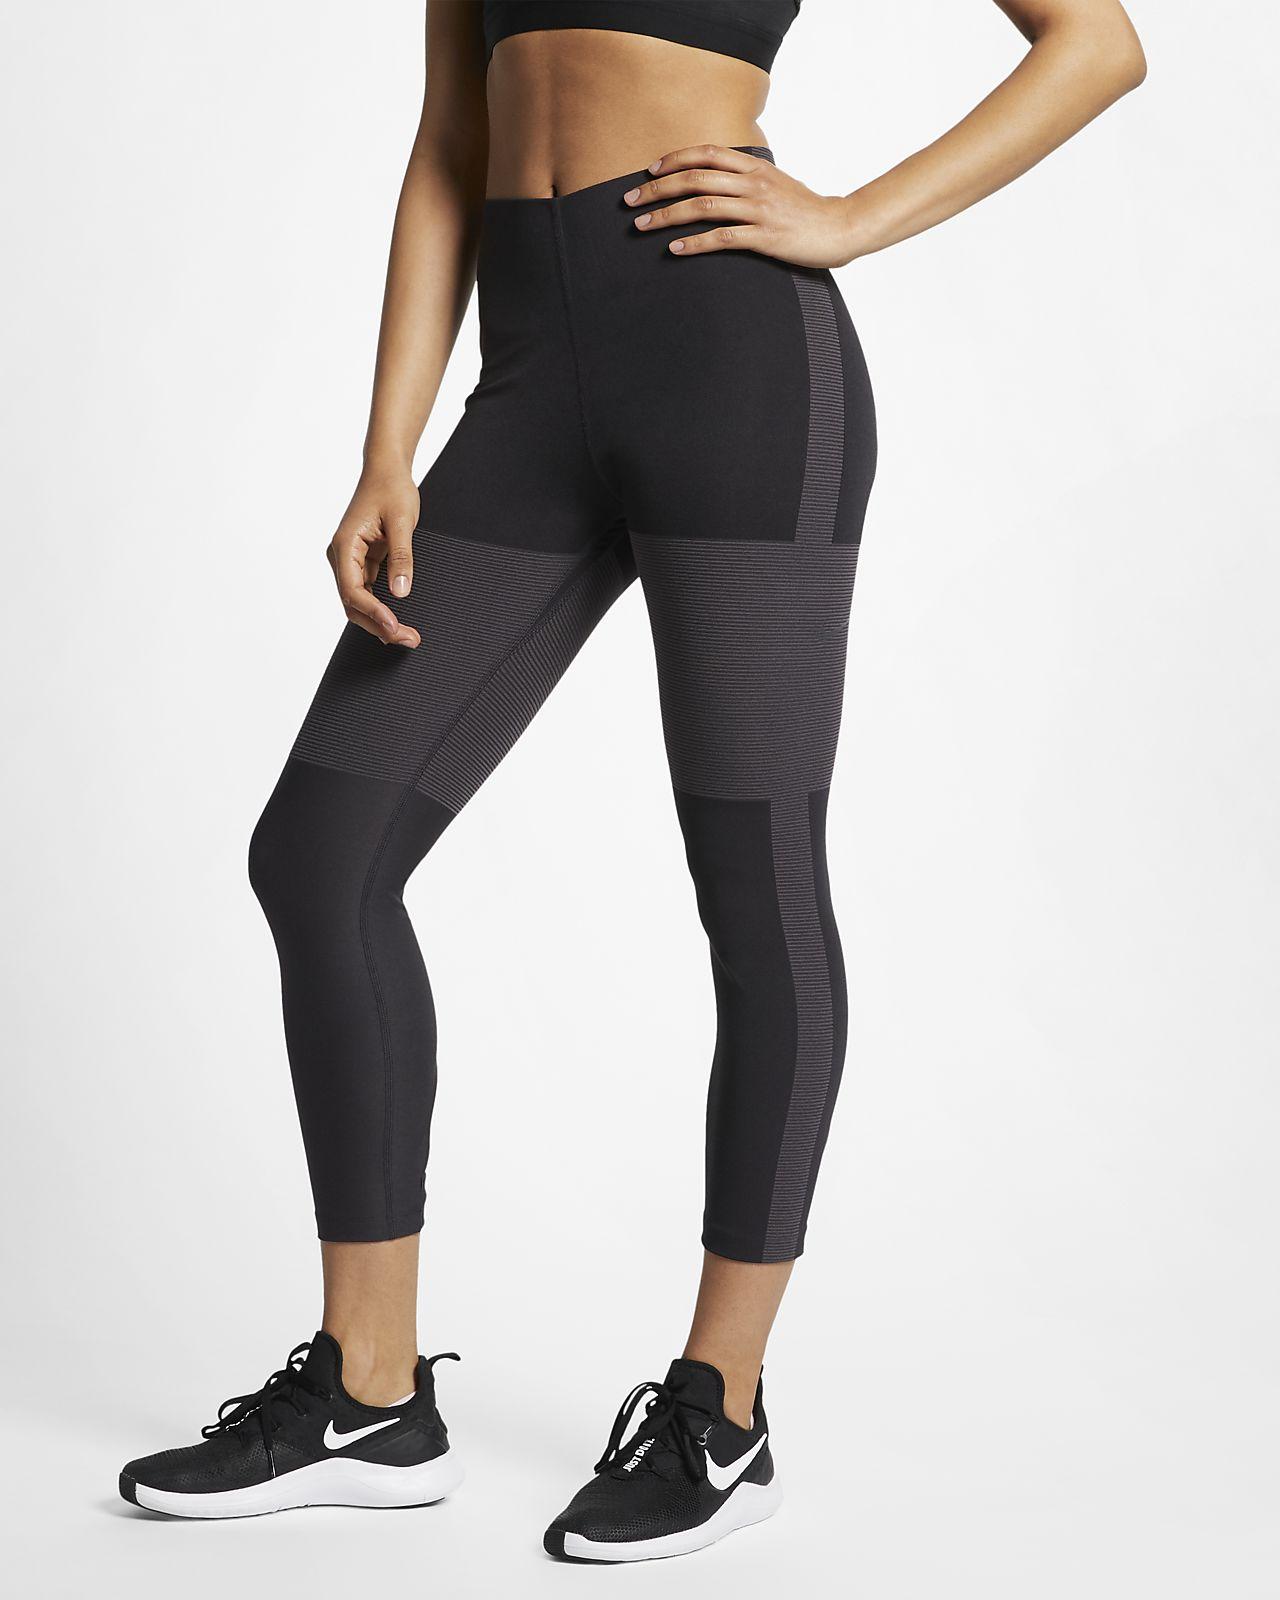 กางเกงวิ่ง 5 ส่วนผู้หญิง Nike Tech